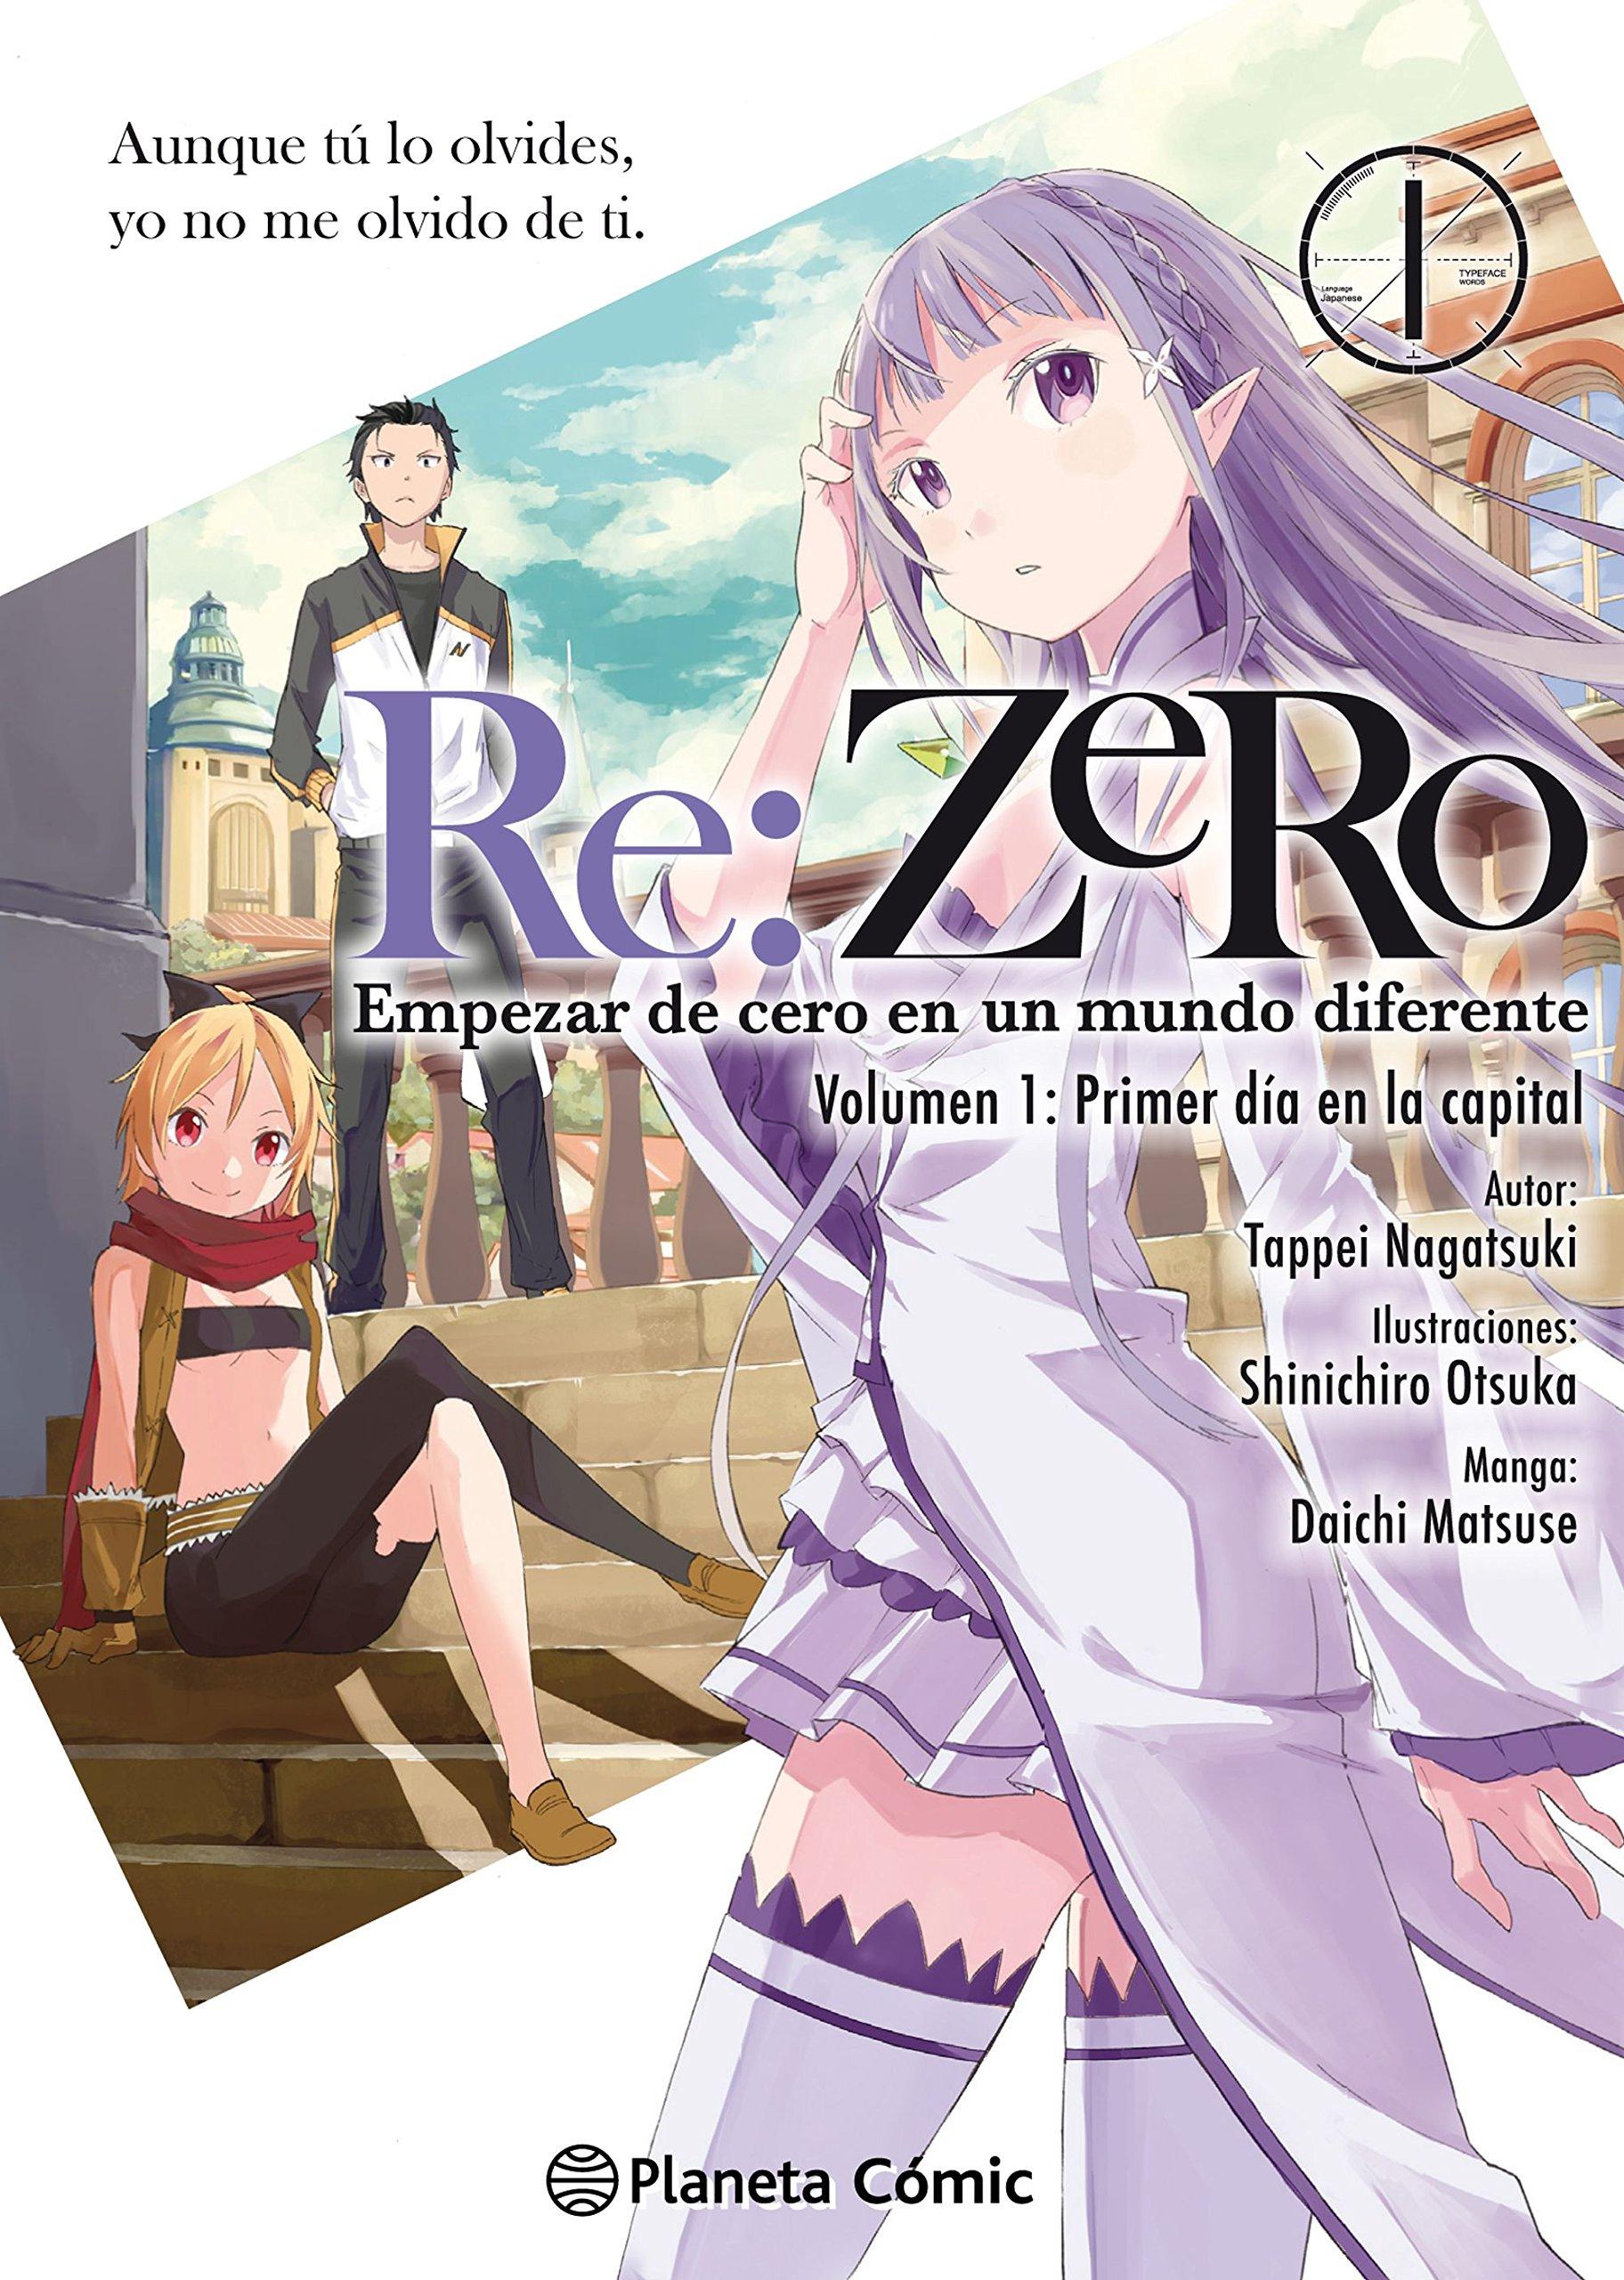 Re:Zero nº 01: Empezar de cero en un mundo diferente. Volumen 1. Primer día en la capital. Primera parte (Manga Shonen) Tapa blanda – 16 oct 2018 Tappei Nagatsuki Daruma Planeta DeAgostini Cómics 8491468692